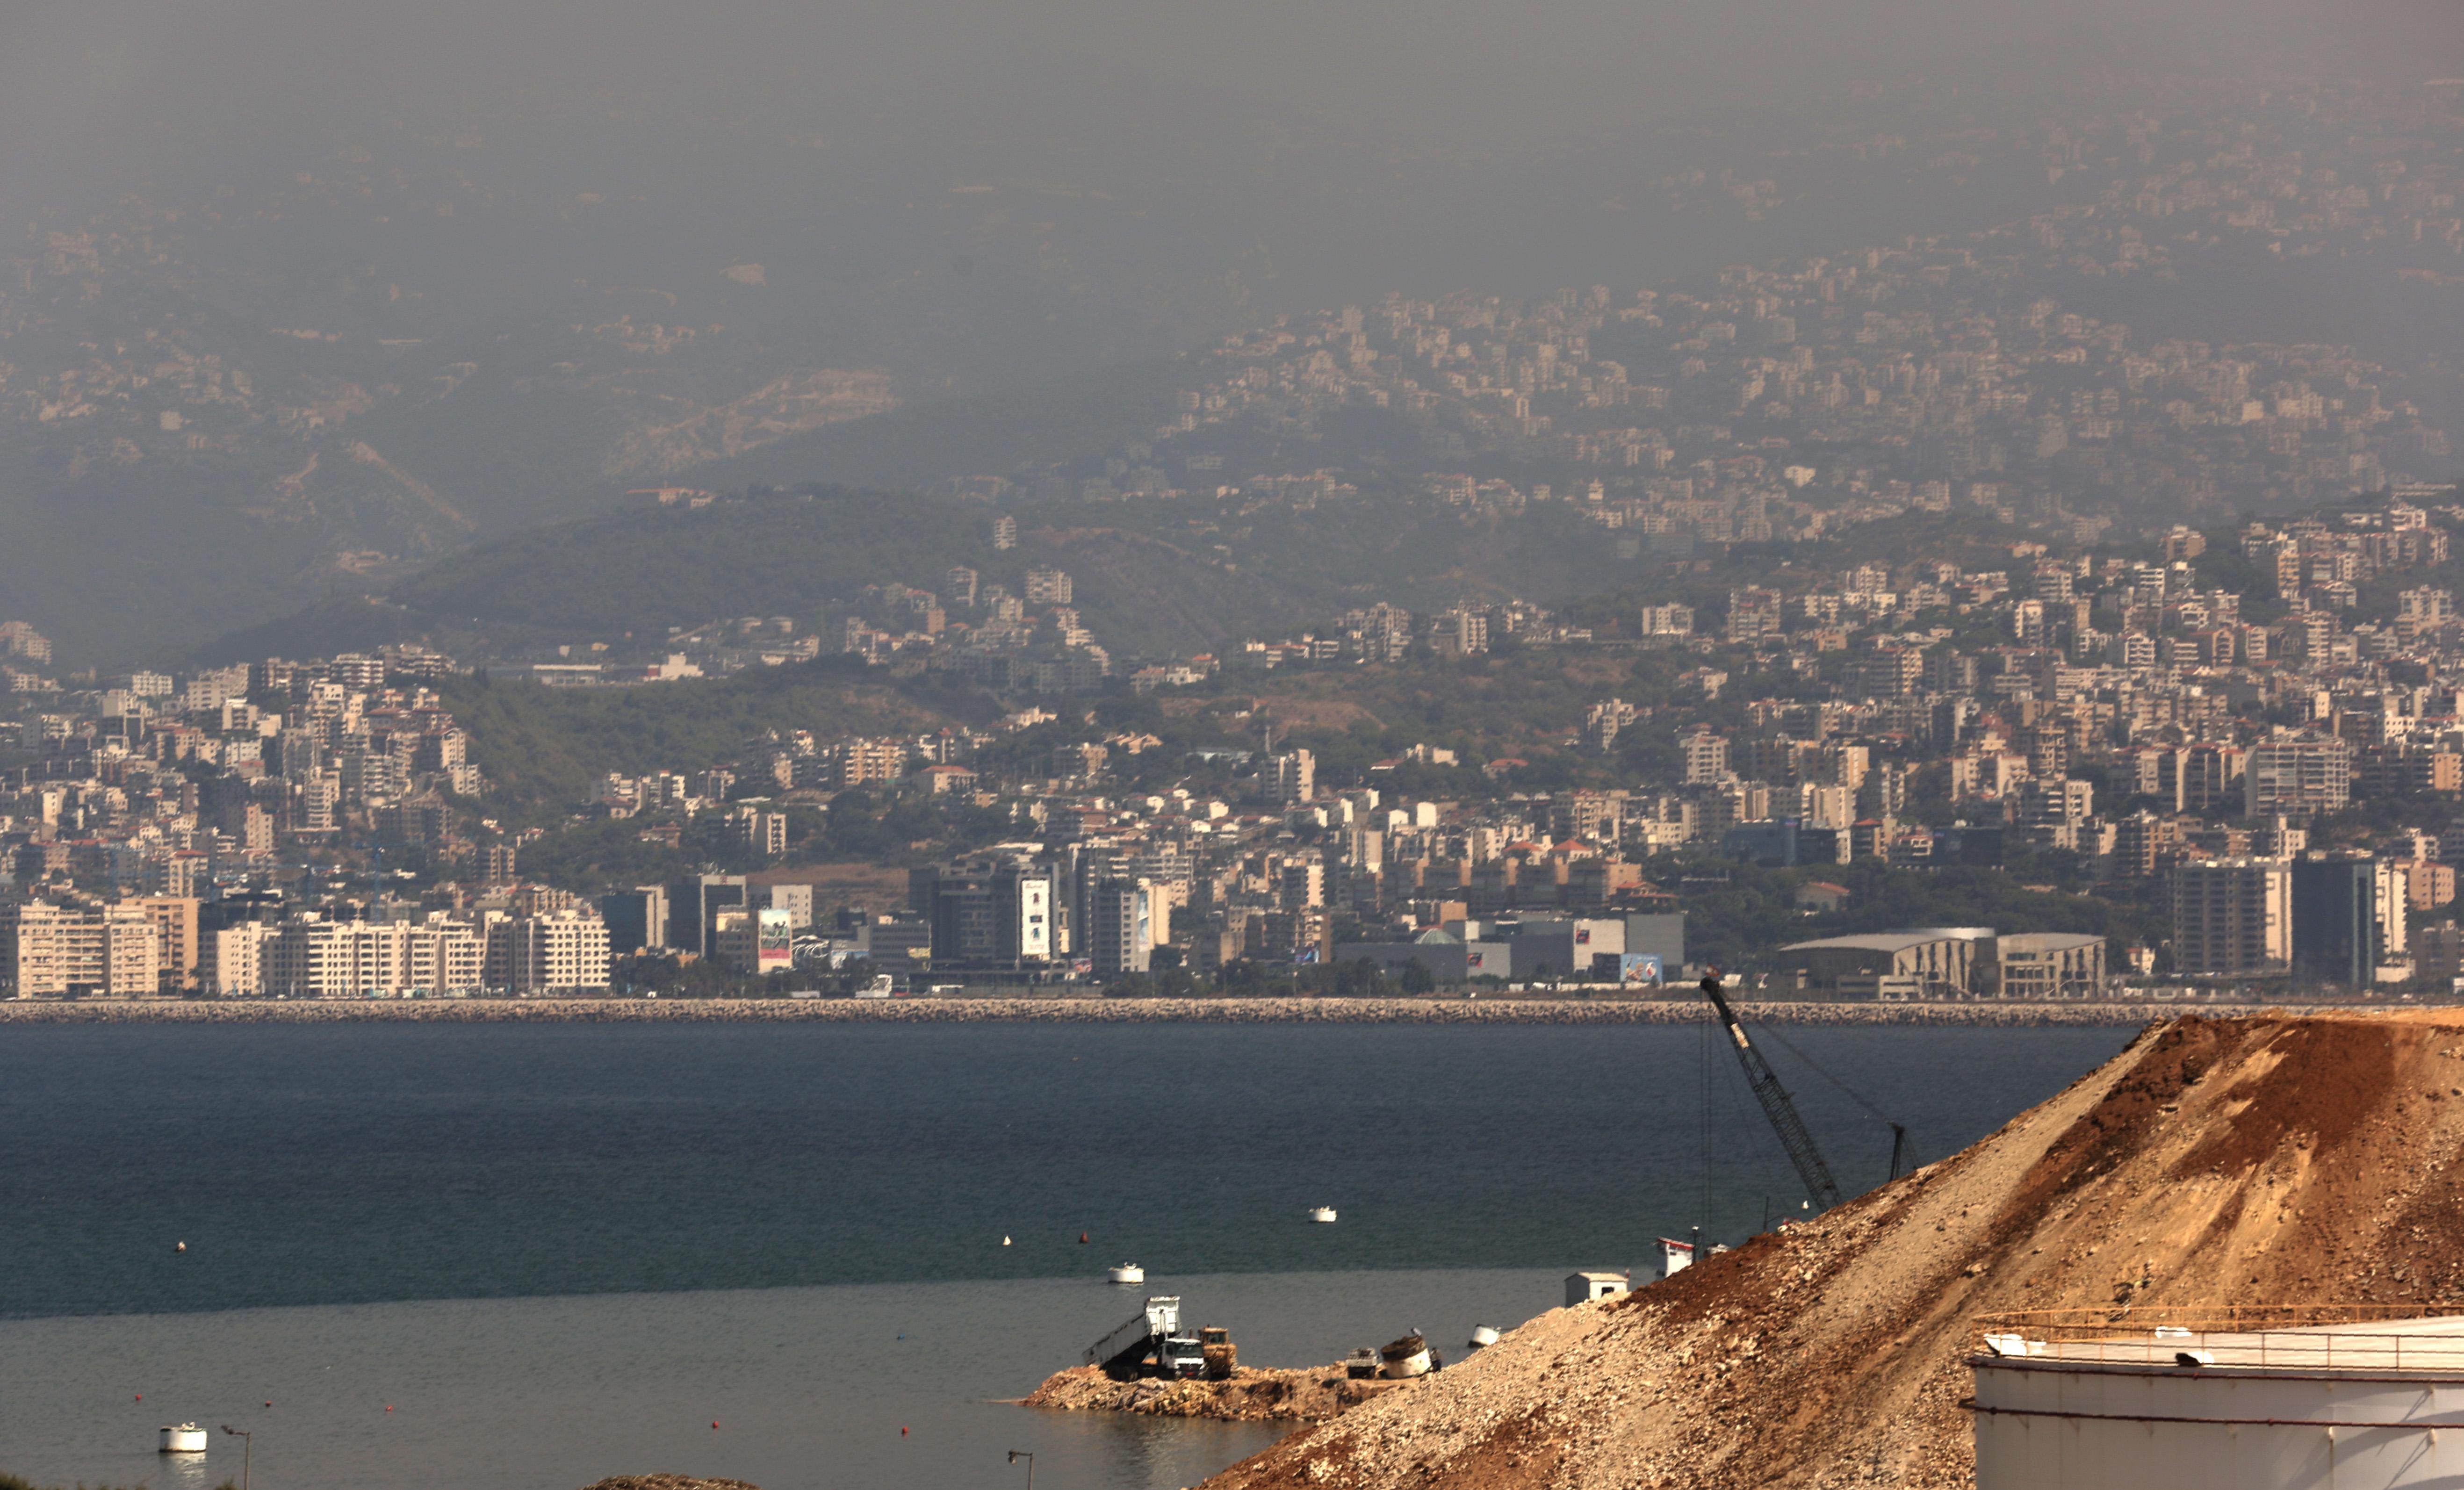 Tele van műanyagszeméttel a Földközi-tenger